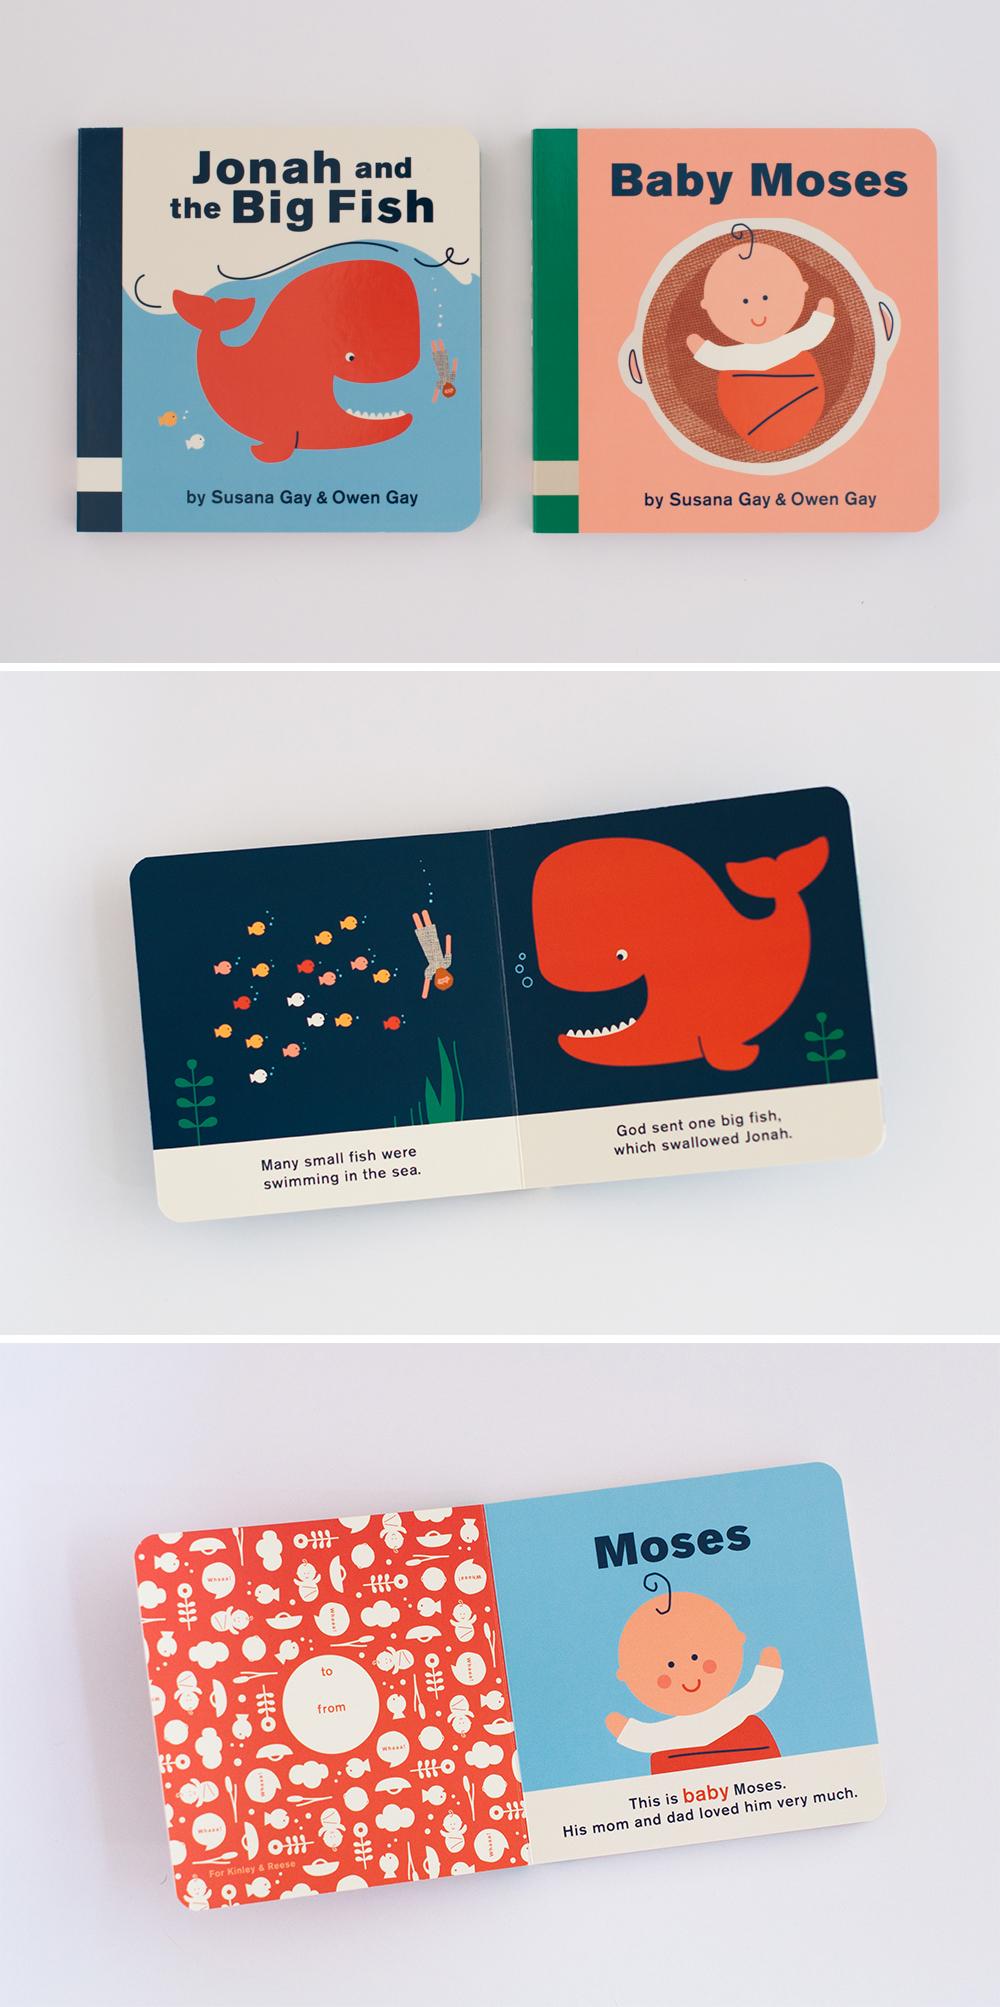 JonahMosesBookDesign.jpg